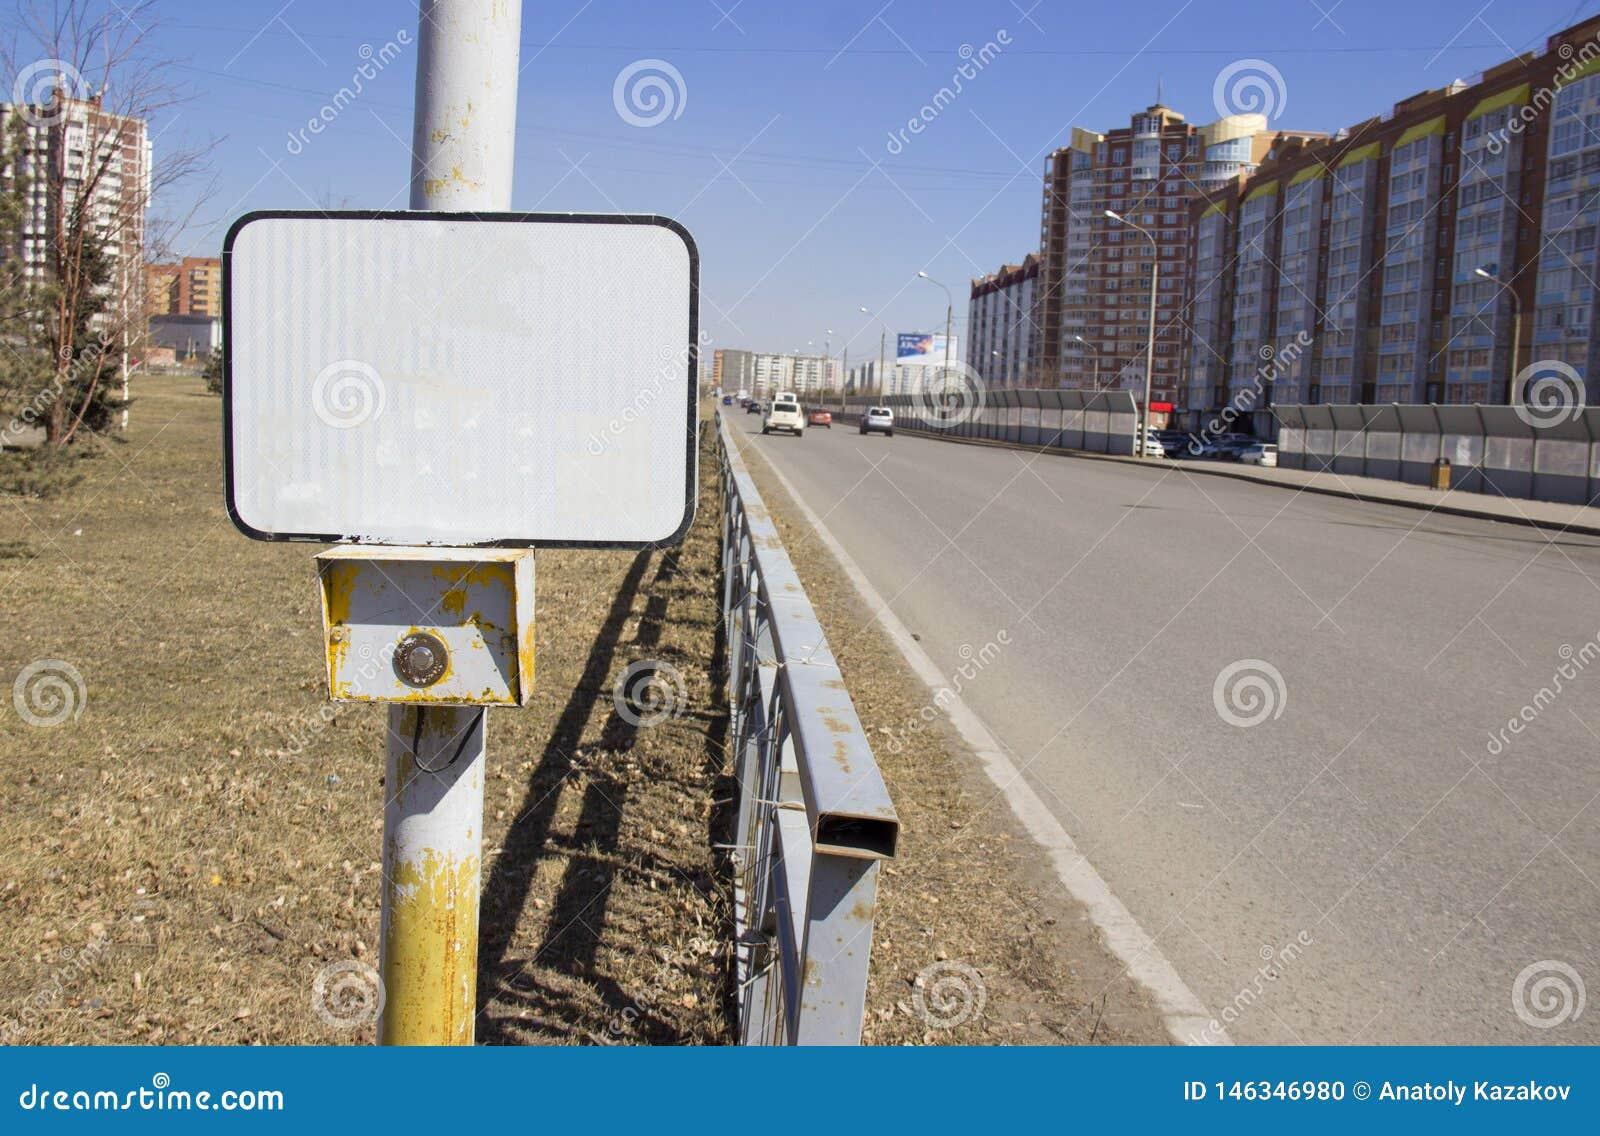 Los sem?foros del bot?n de encendido en el paso de peatones con una muestra en blanco